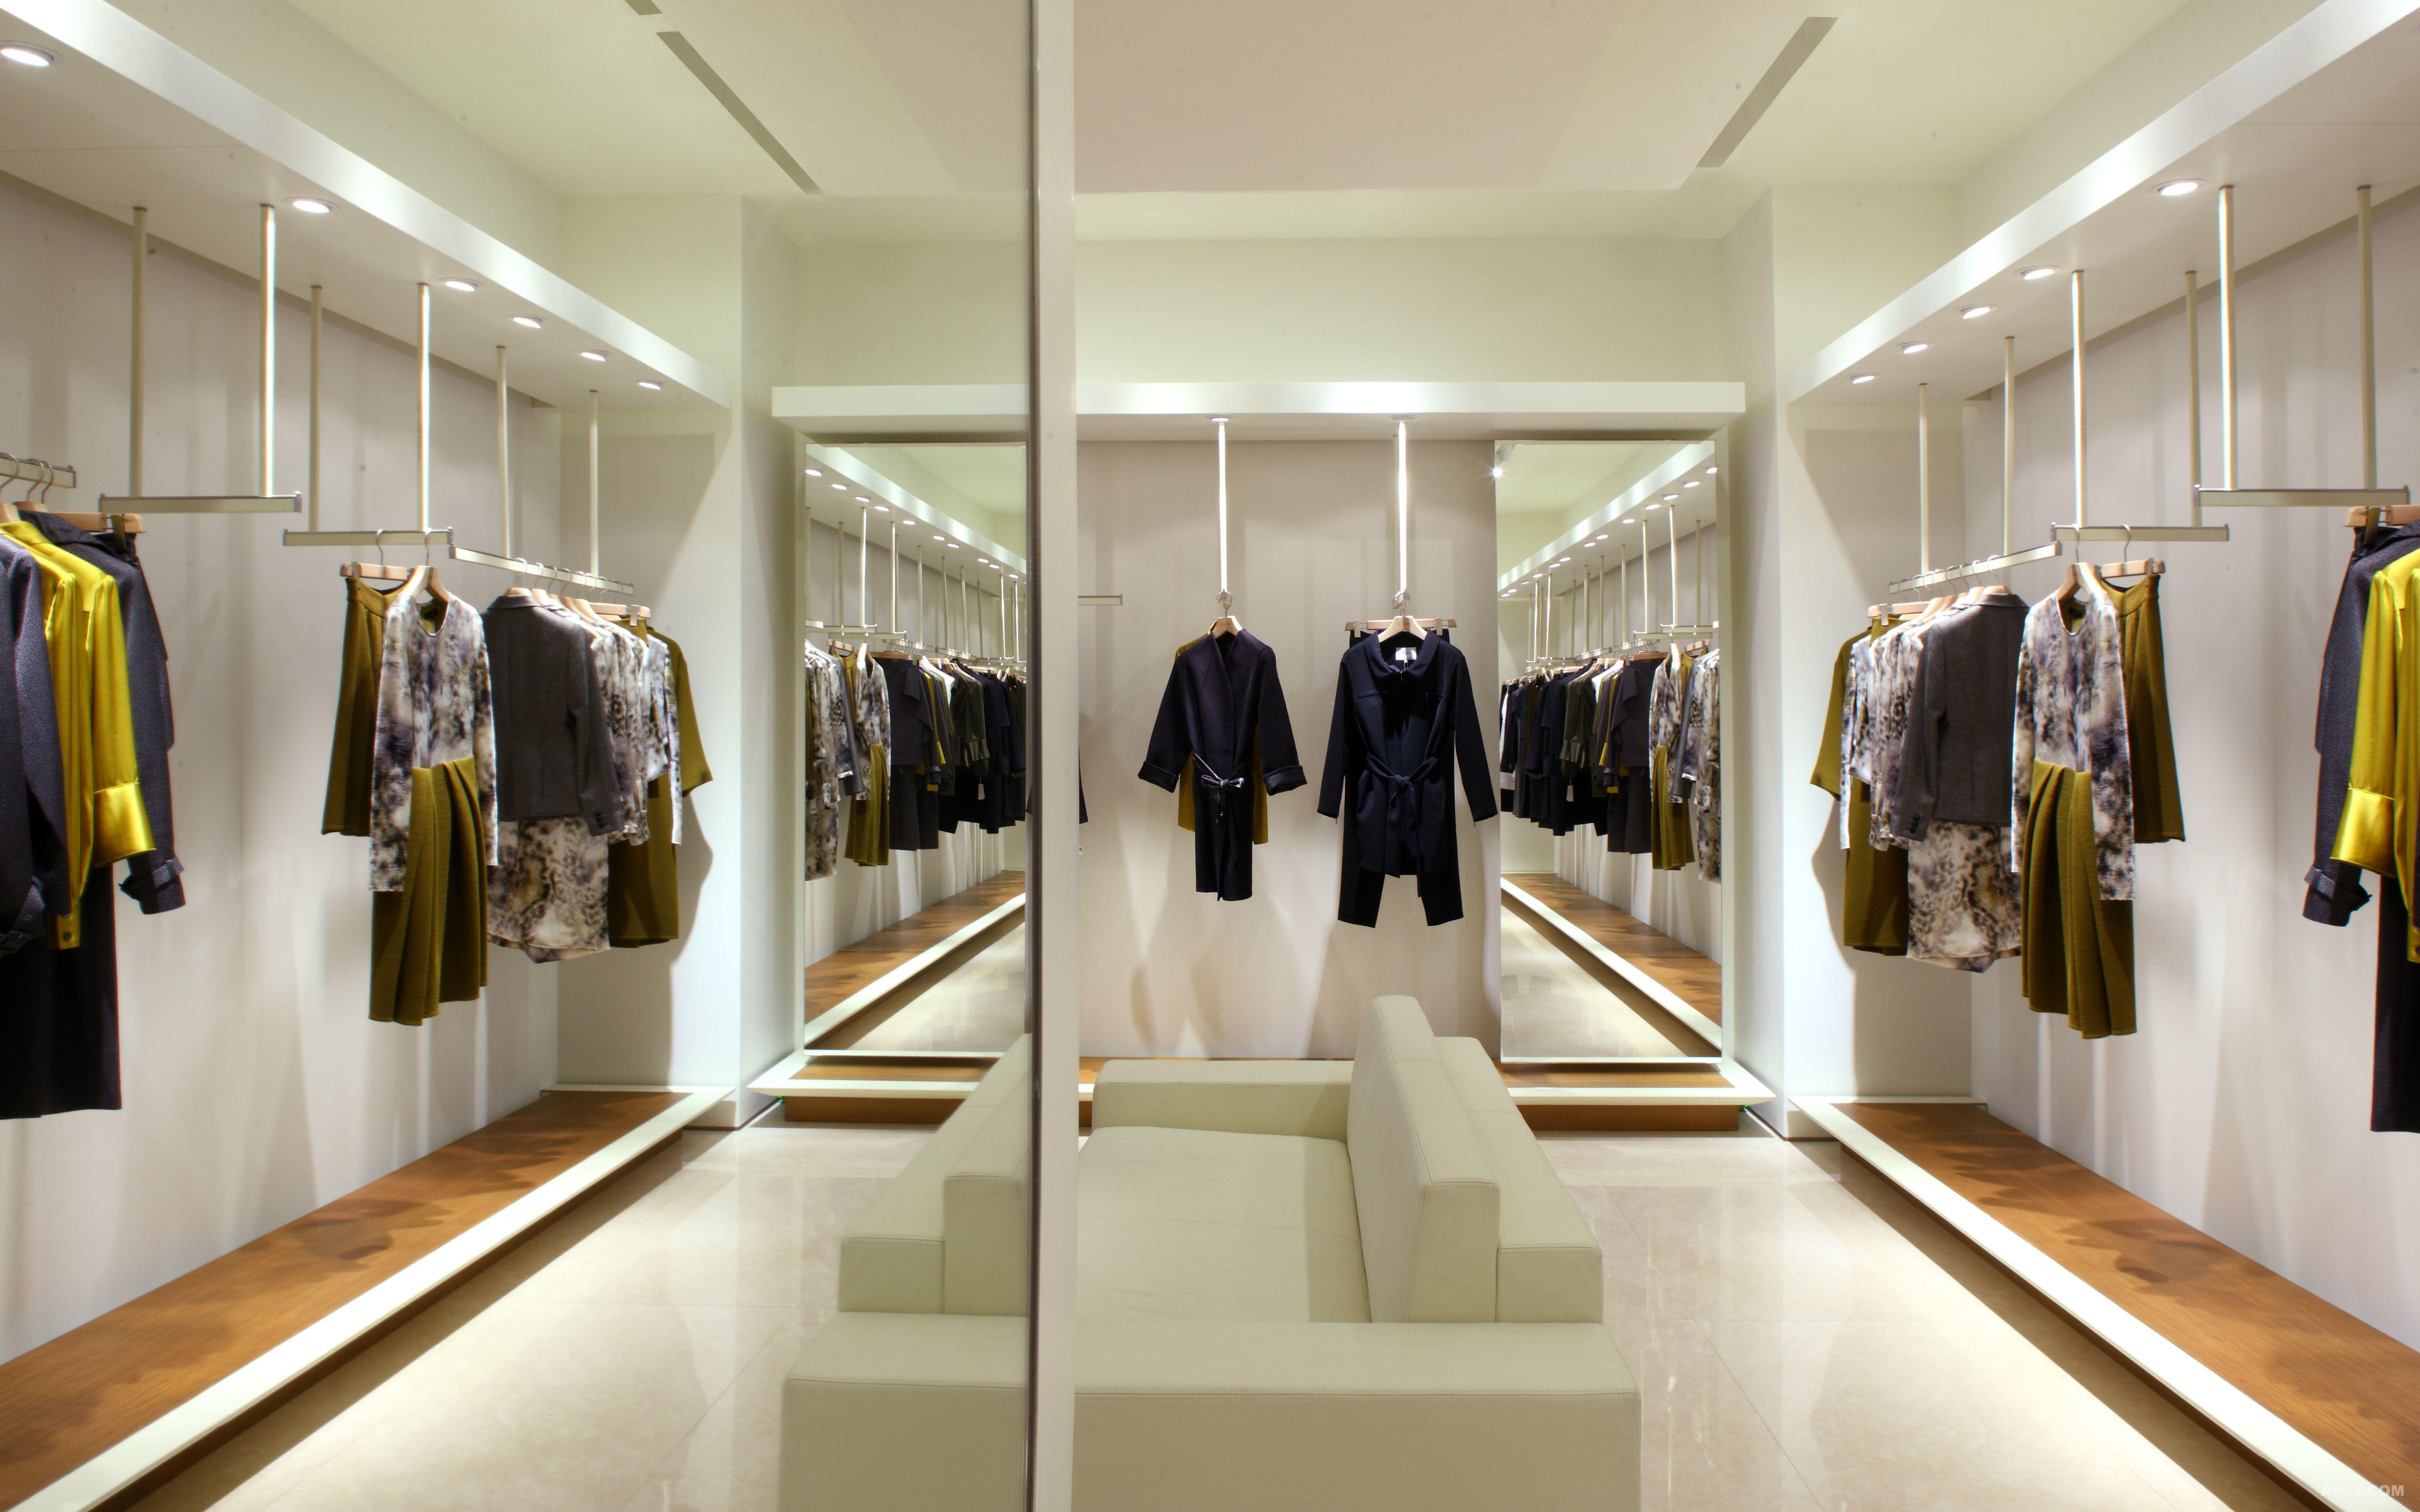 意大利奢侈品牌GIADA旗舰店